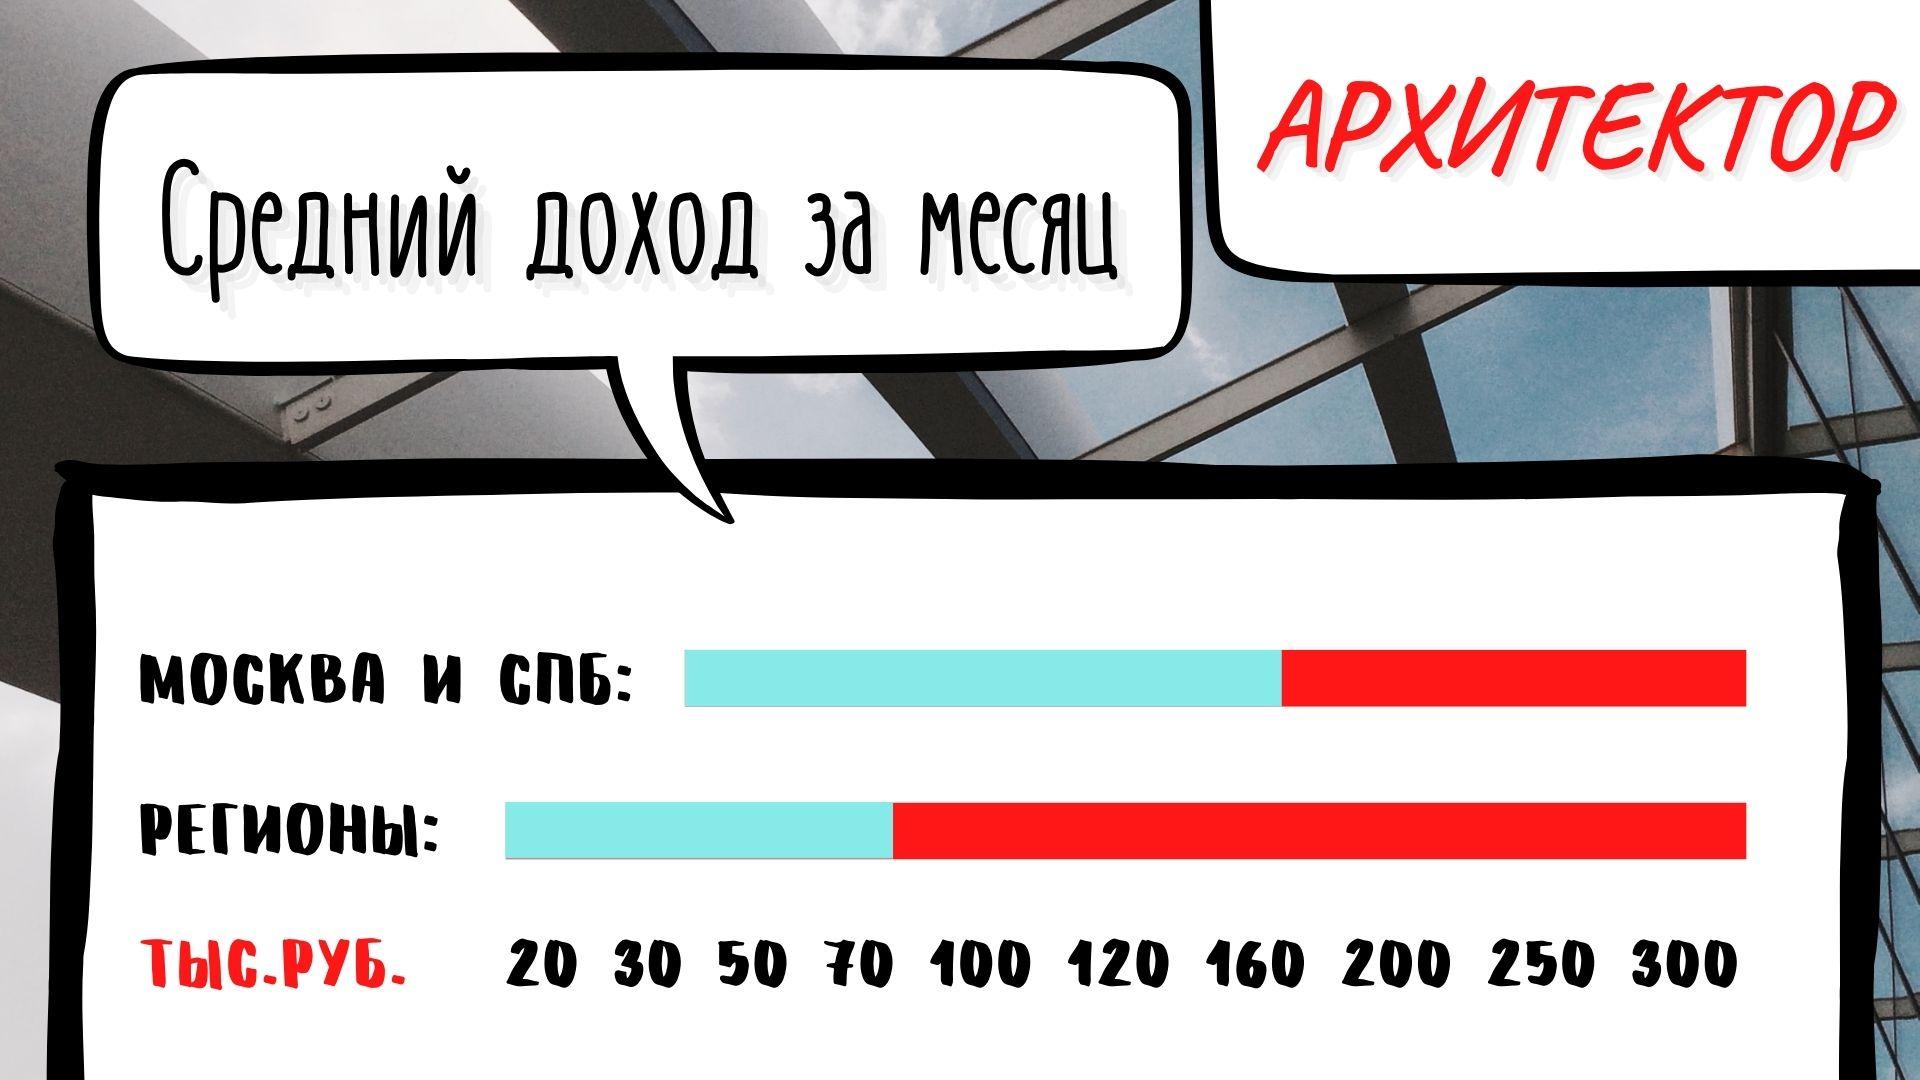 Cредняя зарплата Архитектора в месяц в России по городам